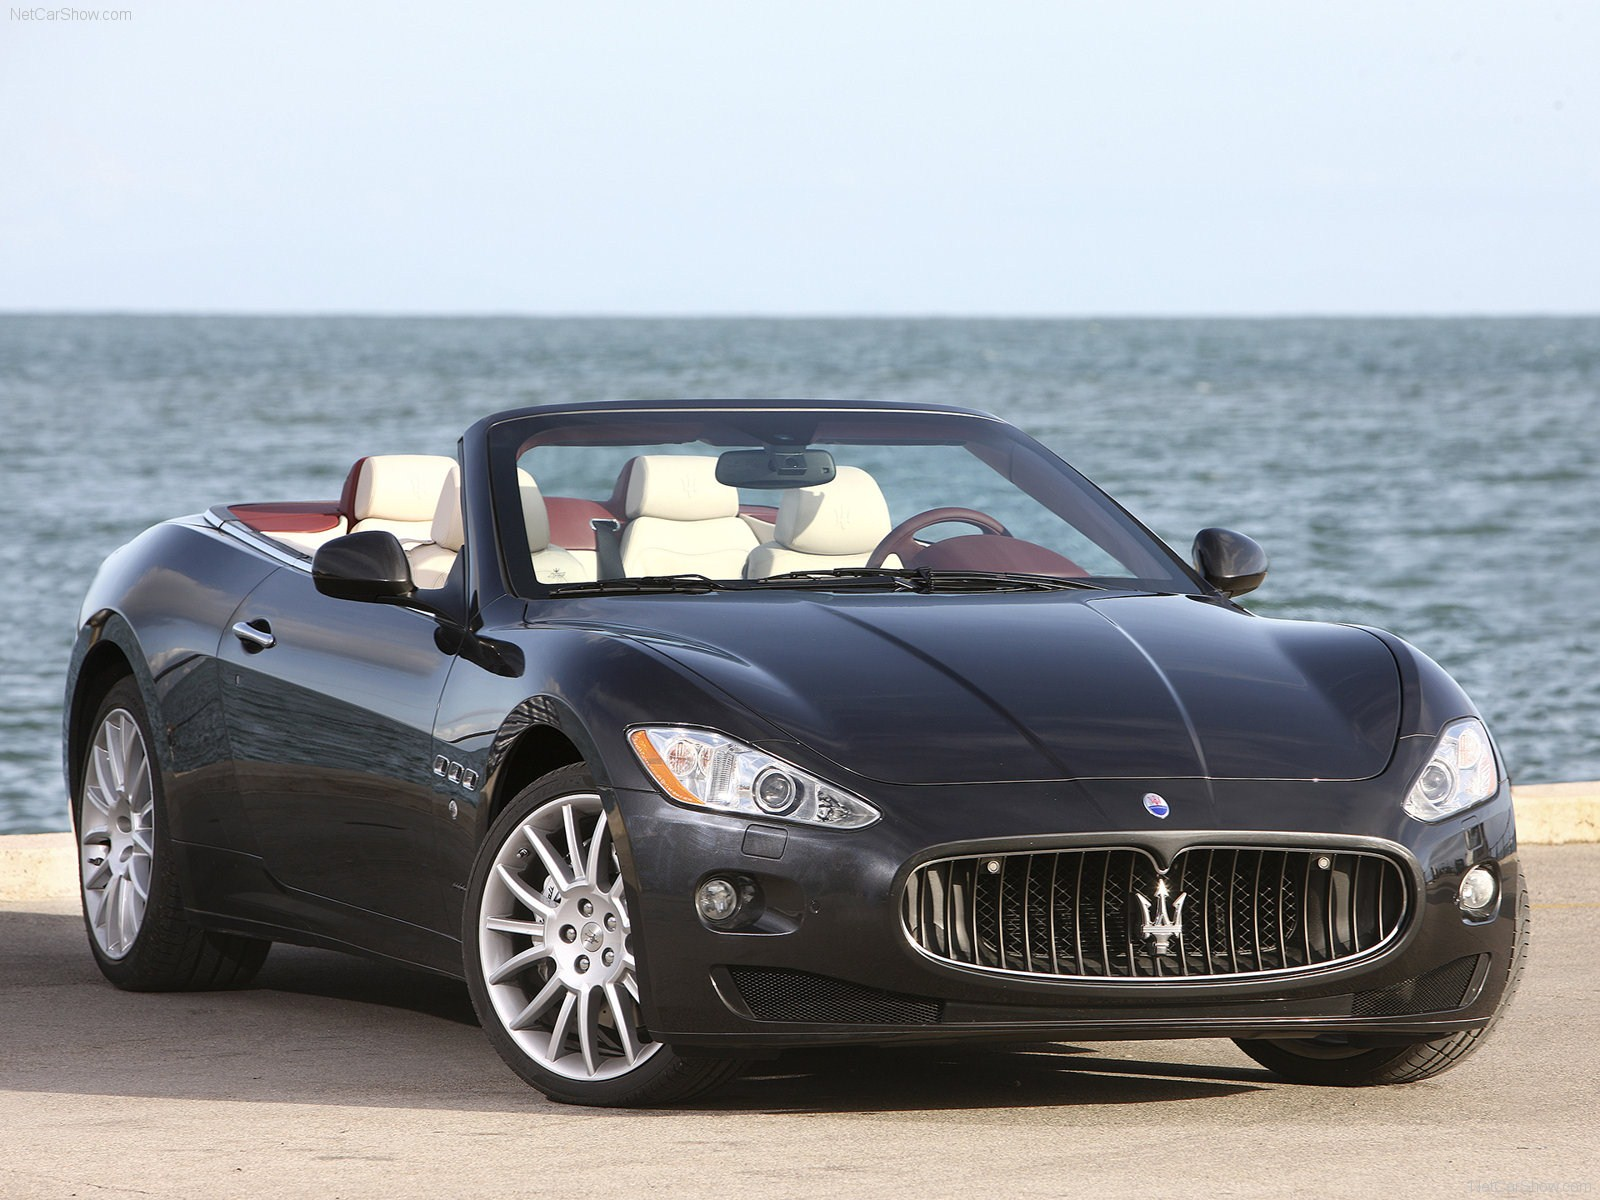 2015 Maserati GranCabrio Spy Shots